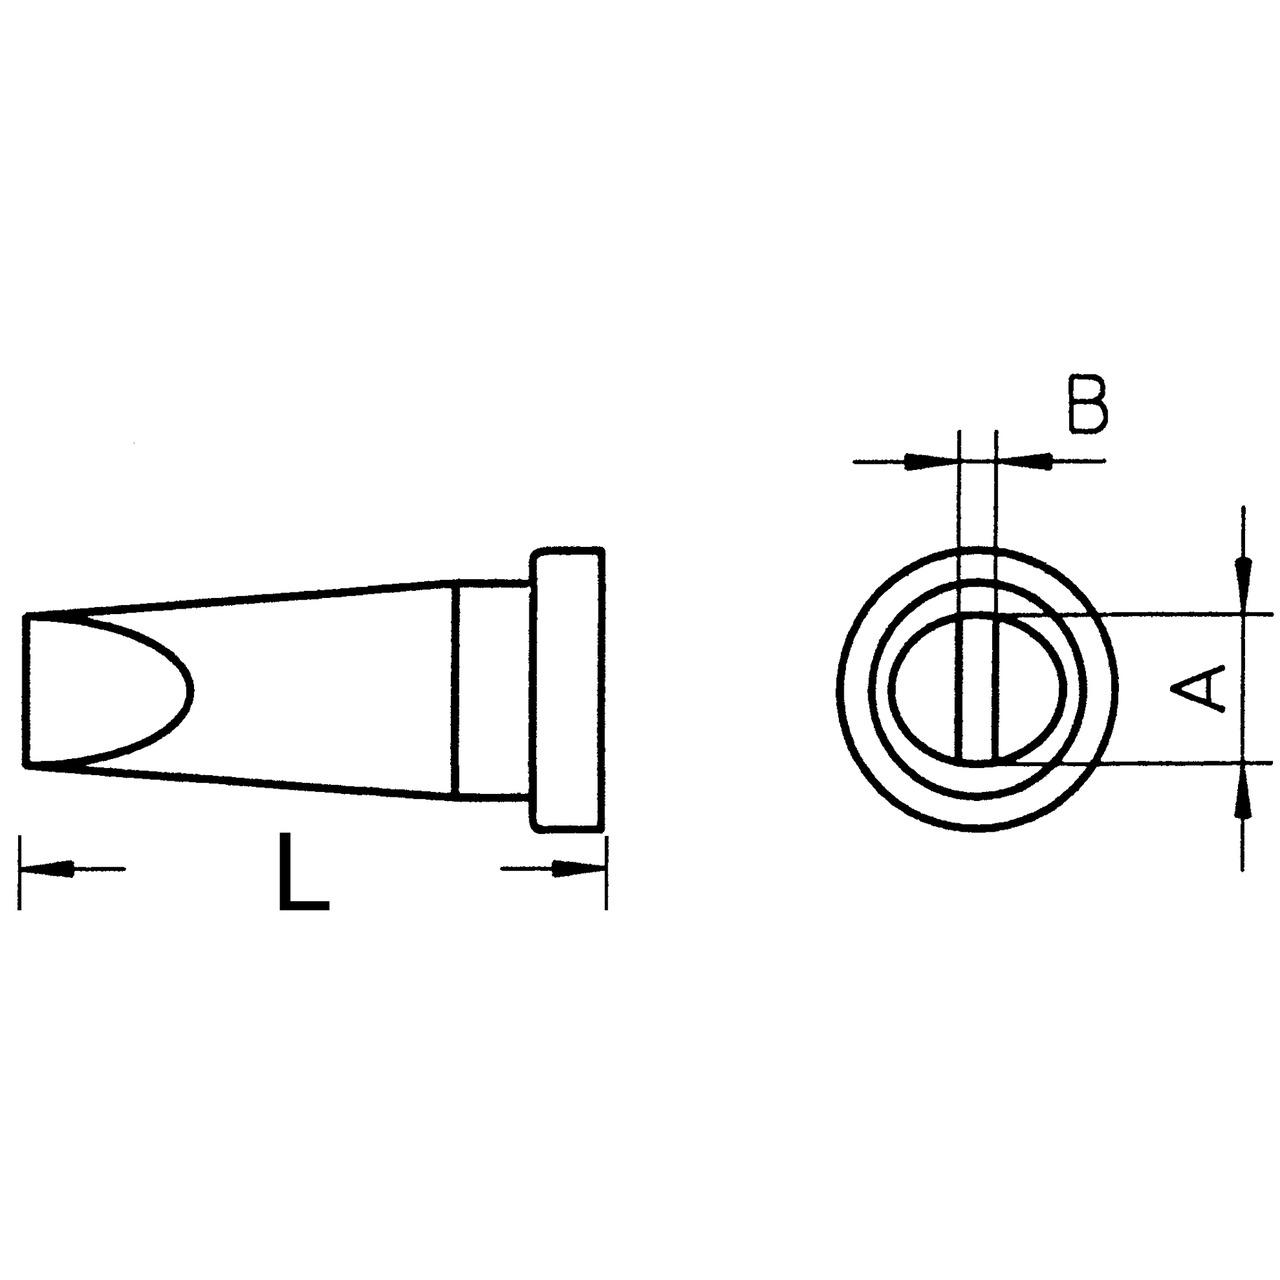 Weller Ersatzlötspitze LT H- meisselförmig- Spitze 0-8 mm breit